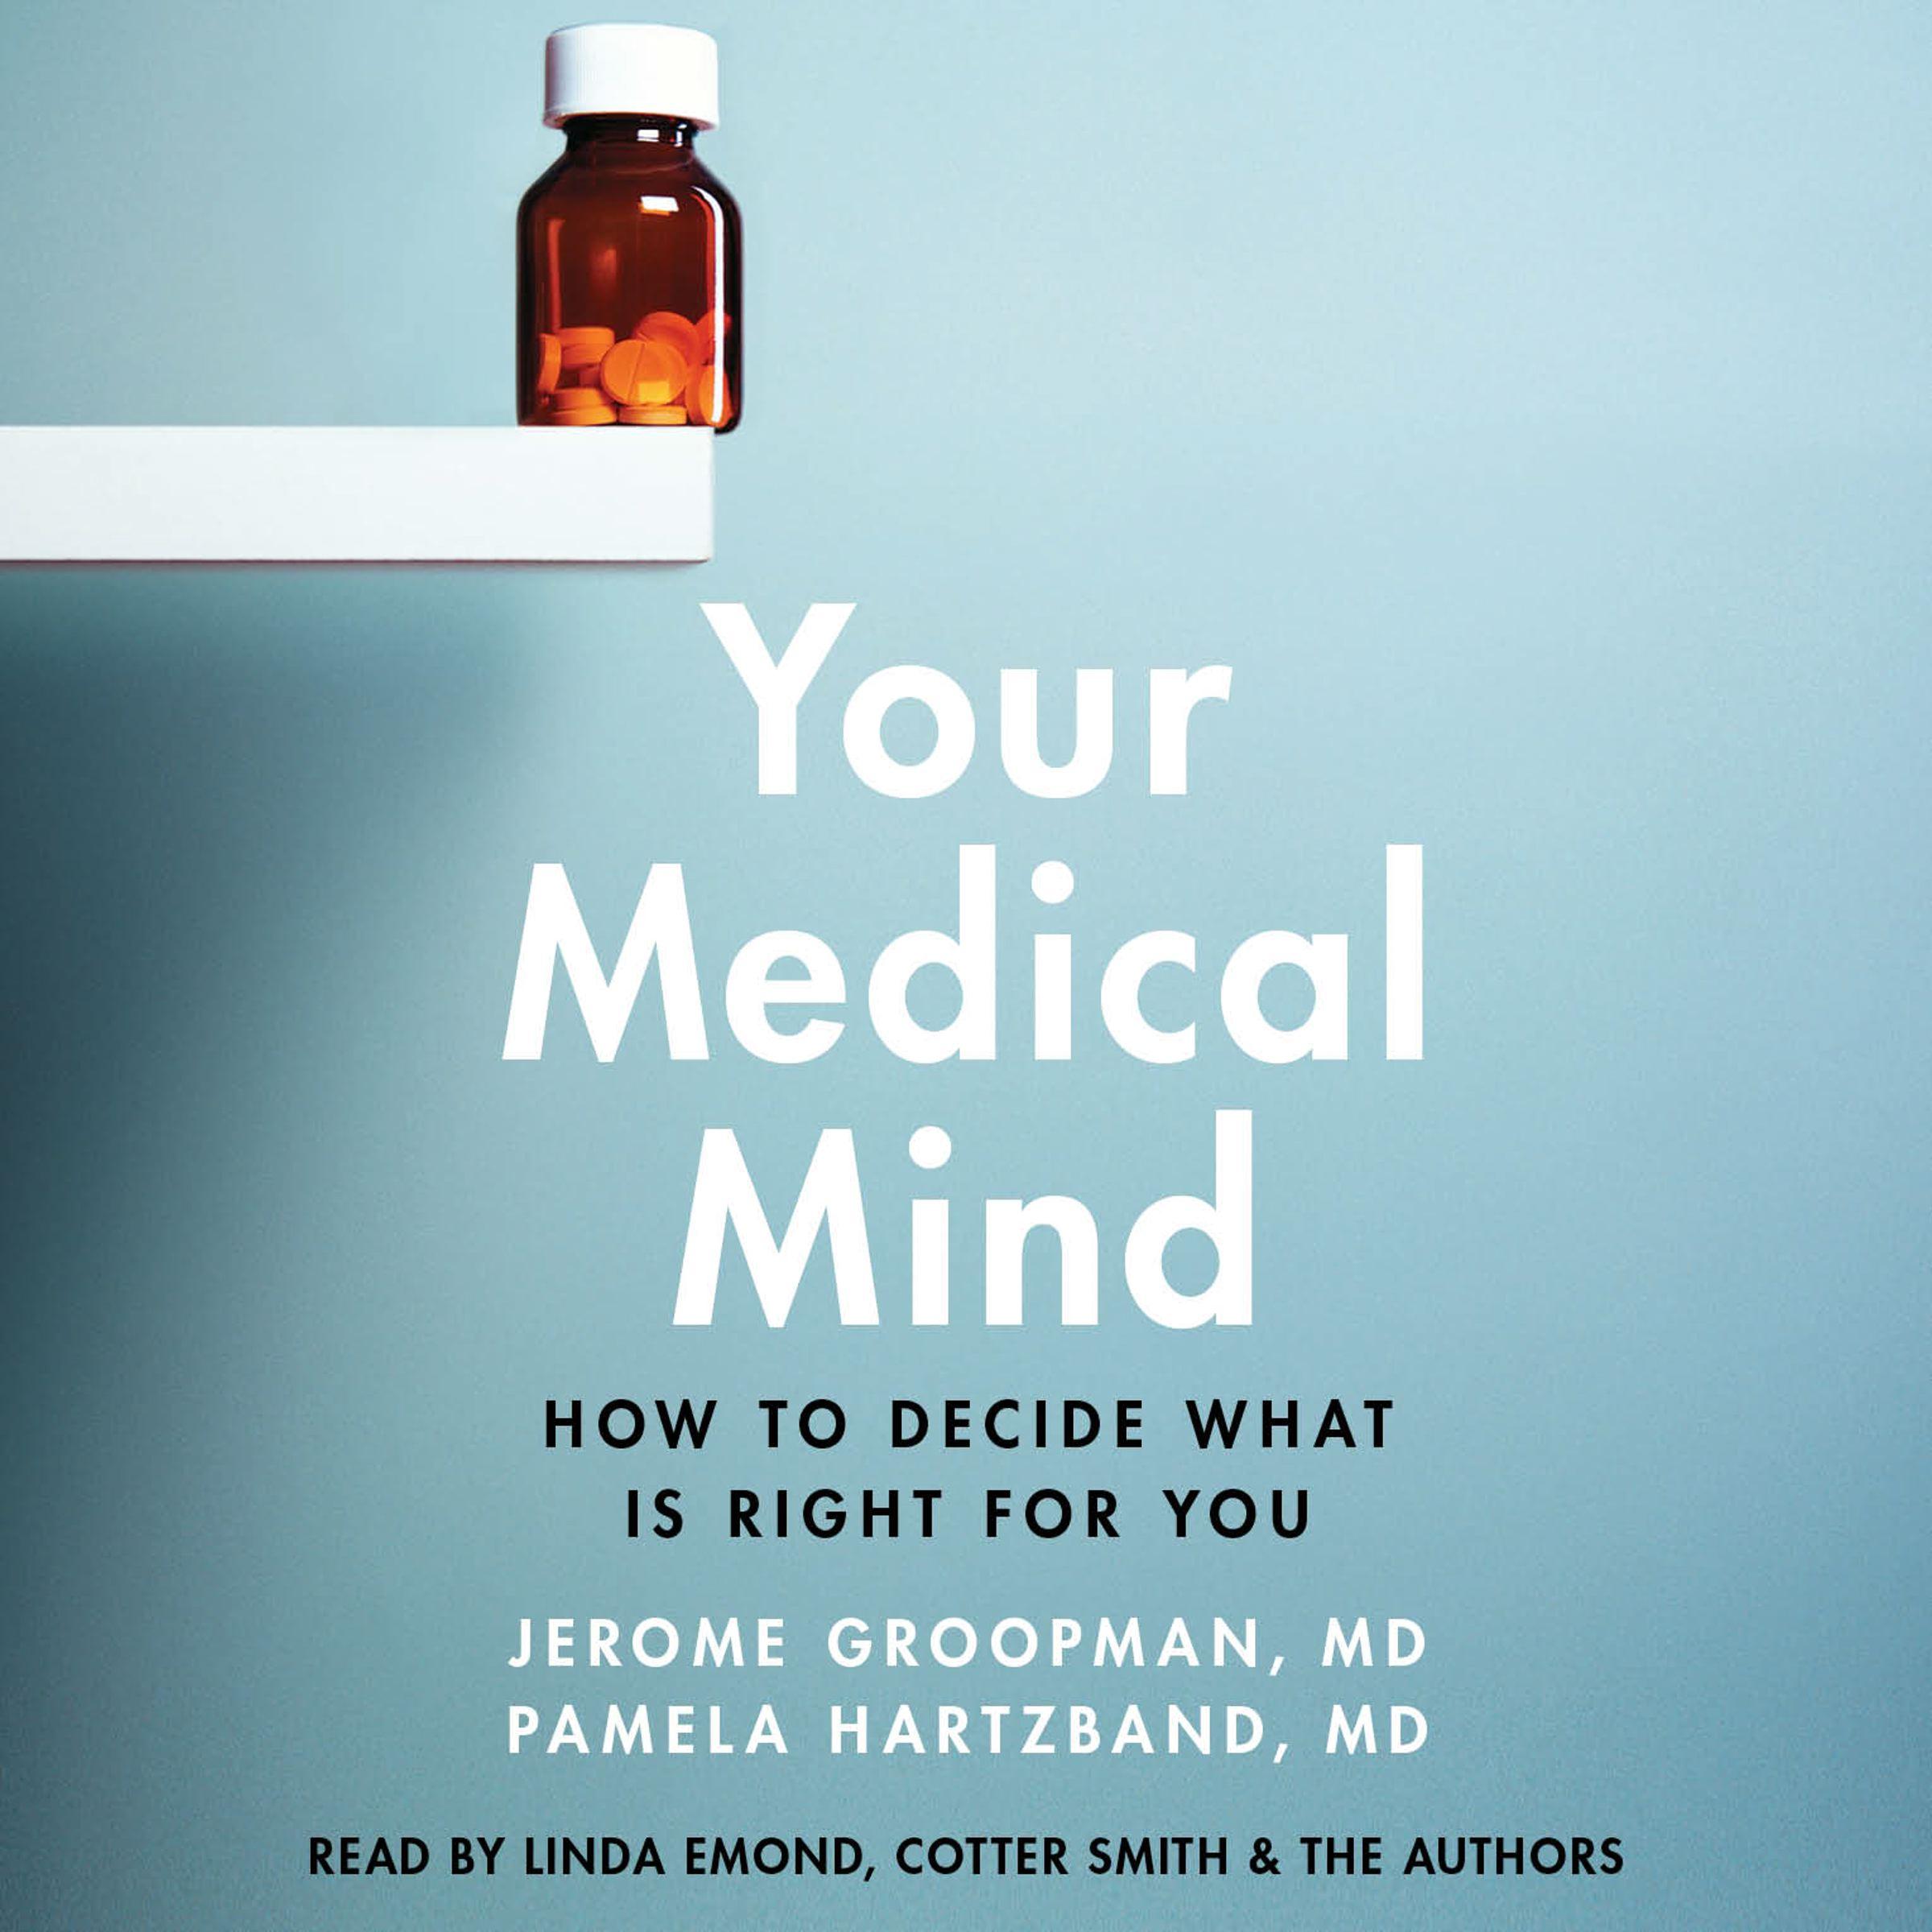 Your medical mind 9781442347298 hr